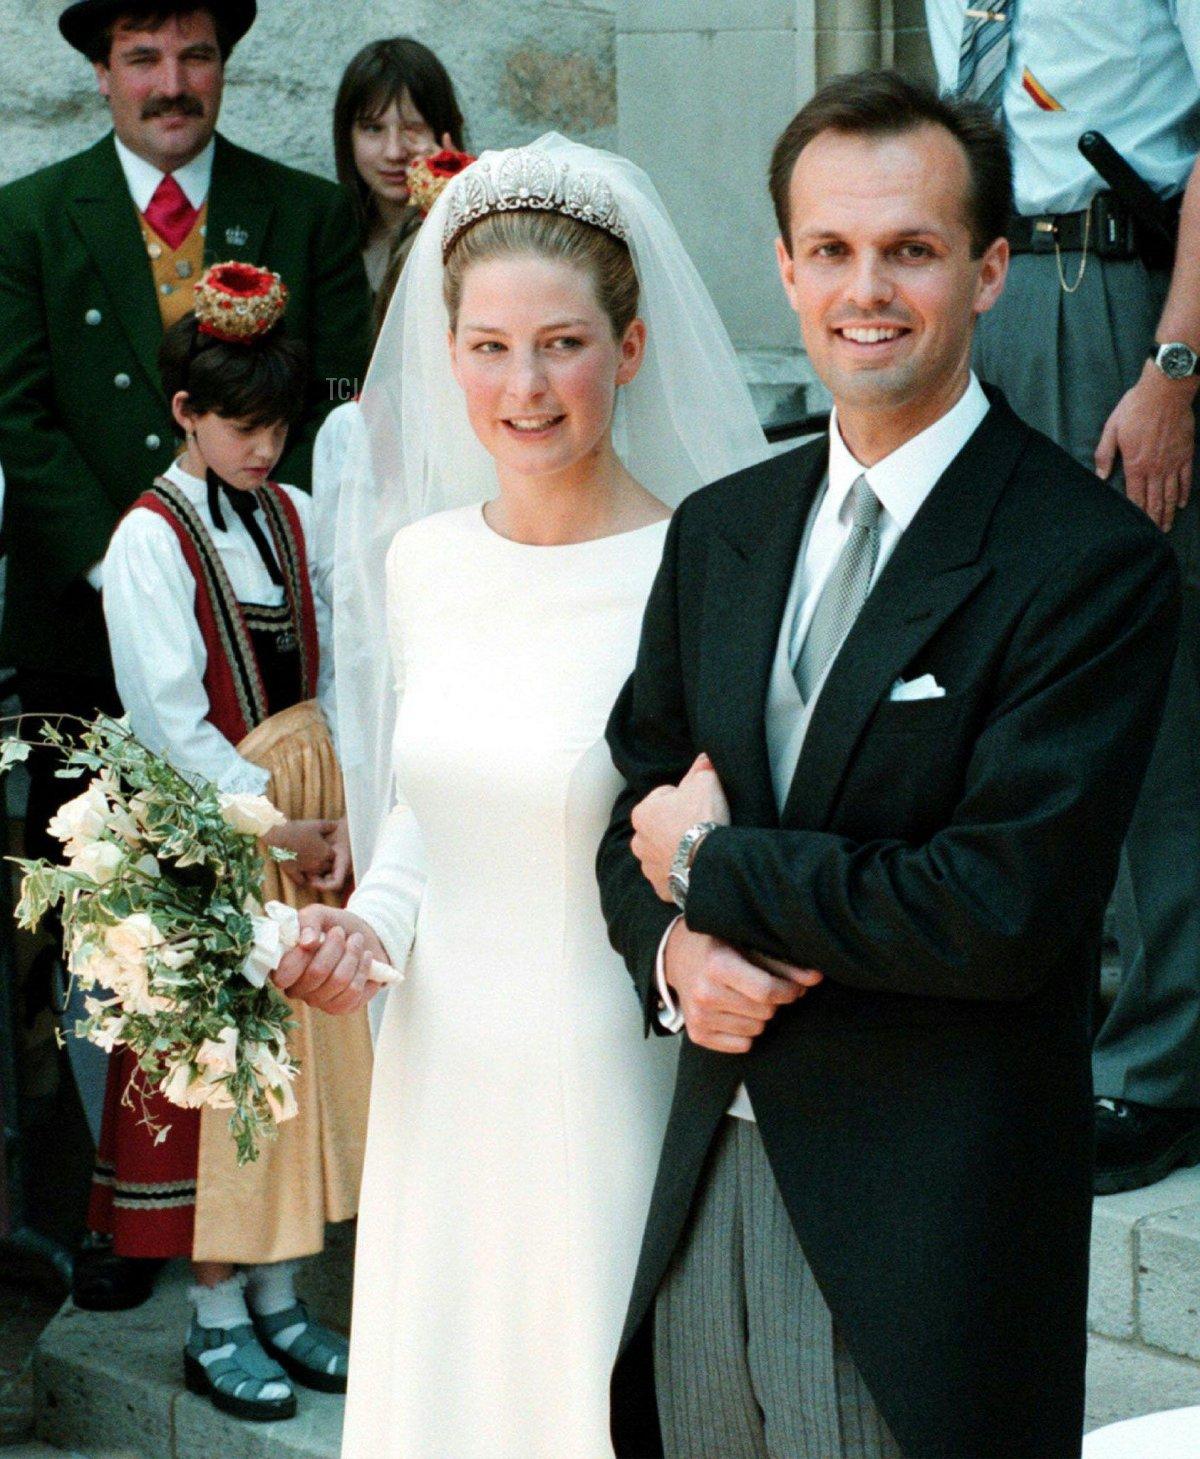 Princess Tatjana of Liechtenstein (L) and German businessman Philipp von Lattorff leave the cathedral in Vaduz after their wedding June 5, 1999